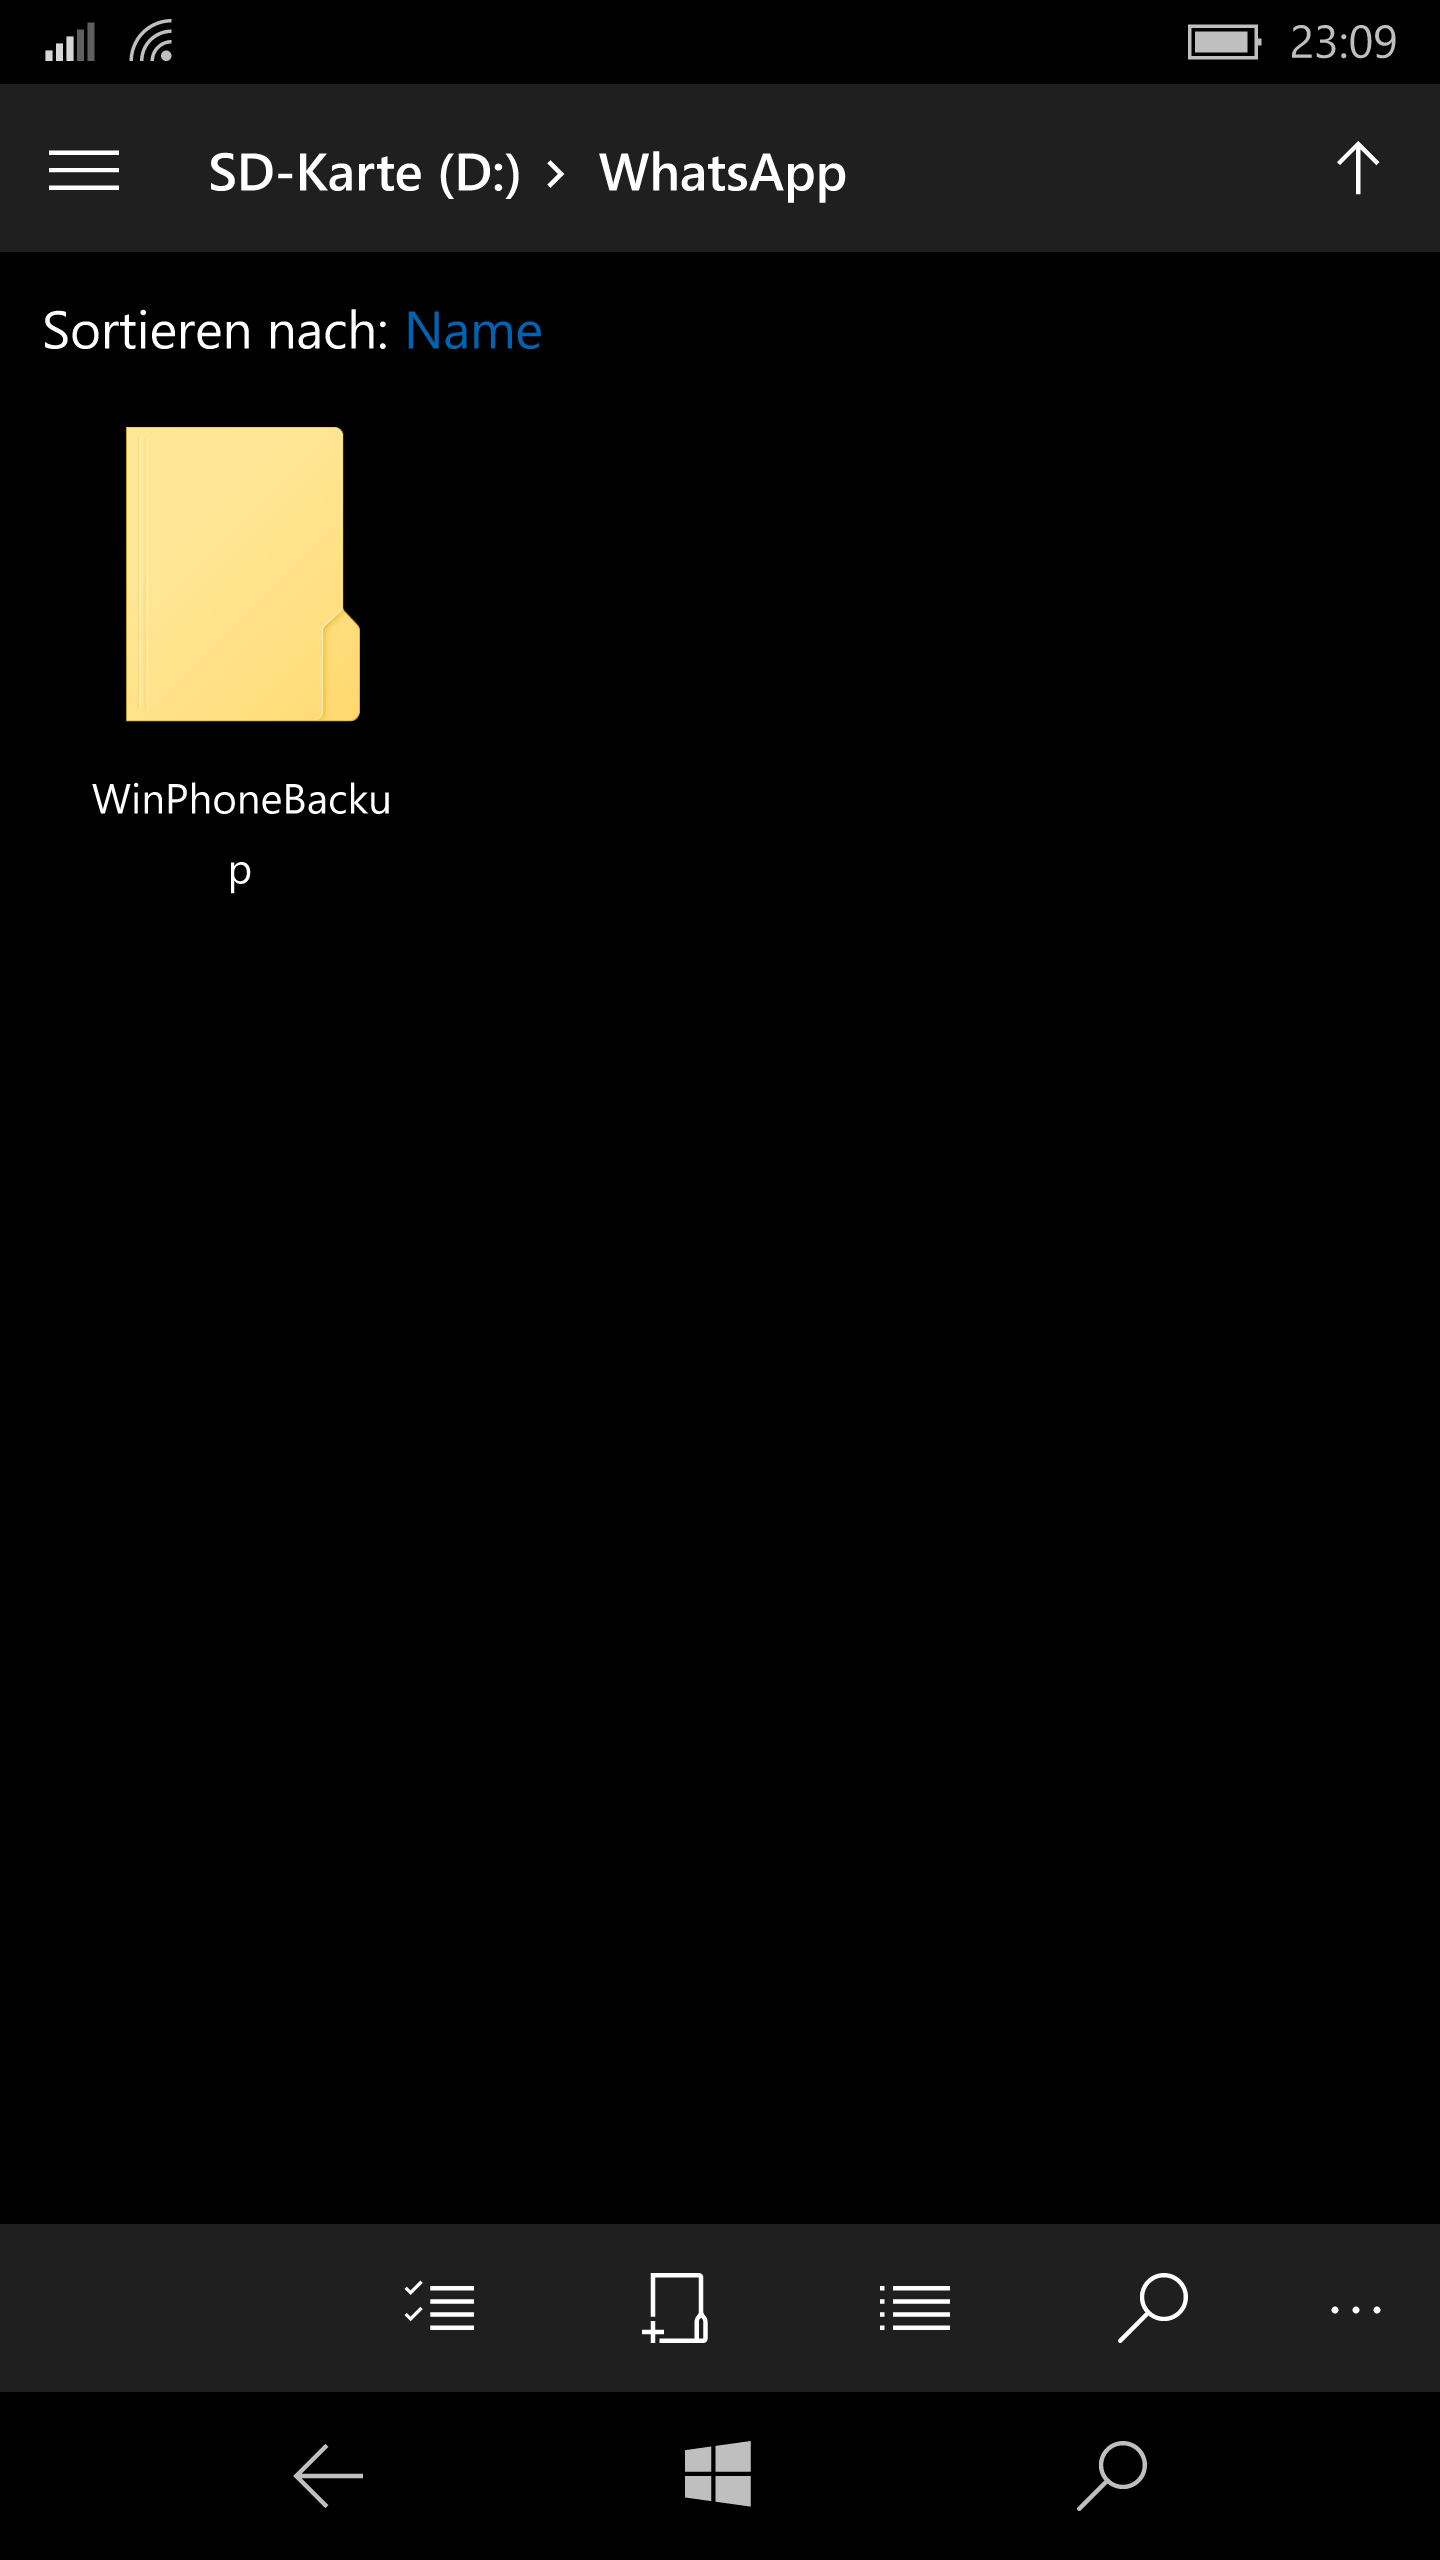 Whatsapp Auf Sd Karte.Whatsapp Backup Sd Karte Vorhanden Wie Funktioniert Es Genau